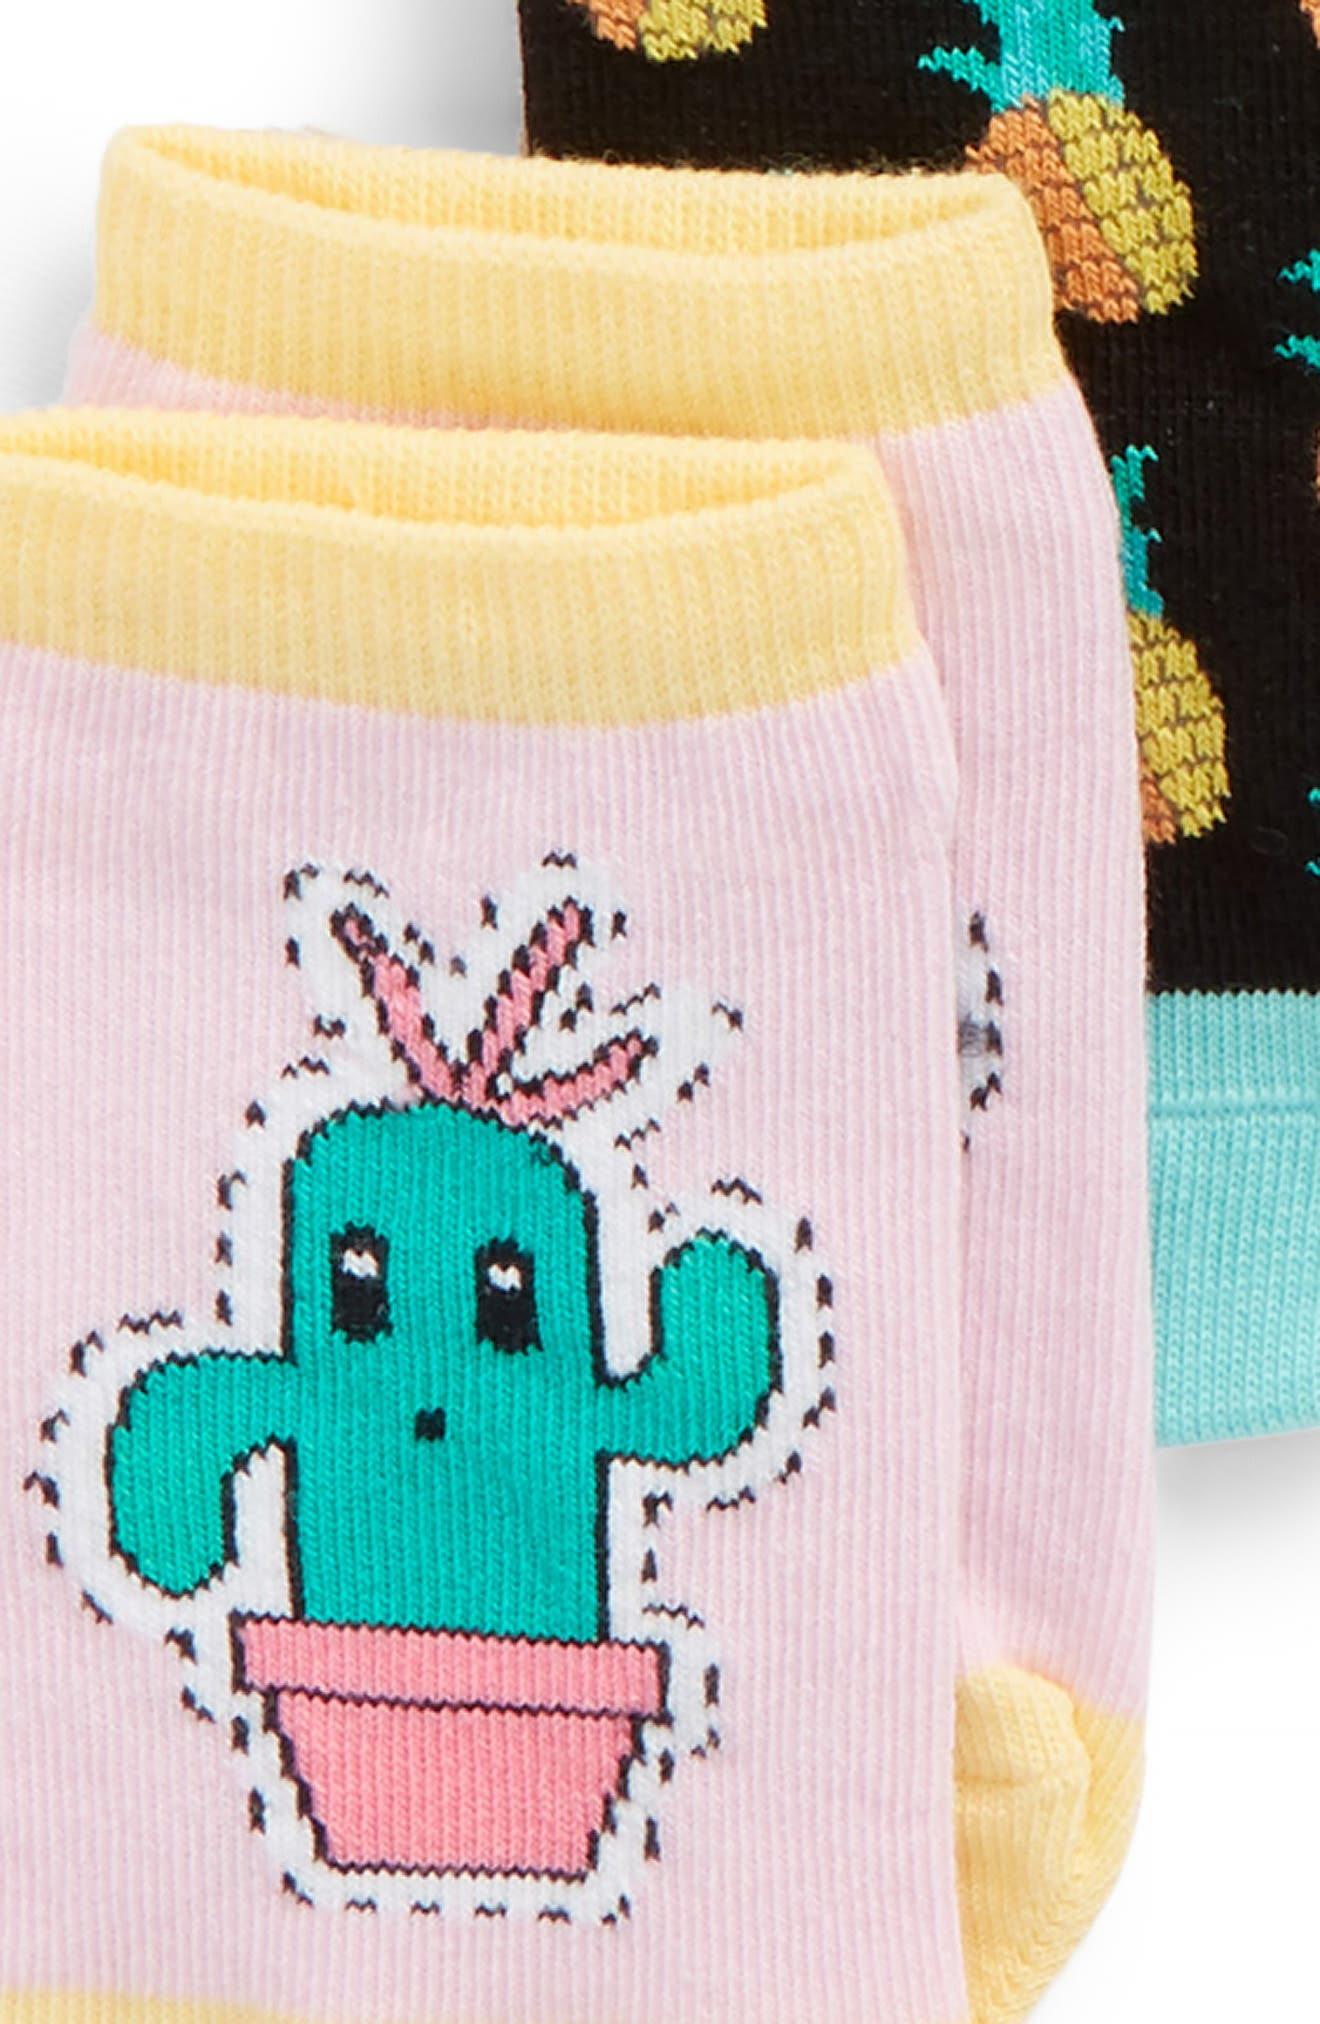 6-Pack Flamingo Low Cut Socks,                             Alternate thumbnail 2, color,                             651